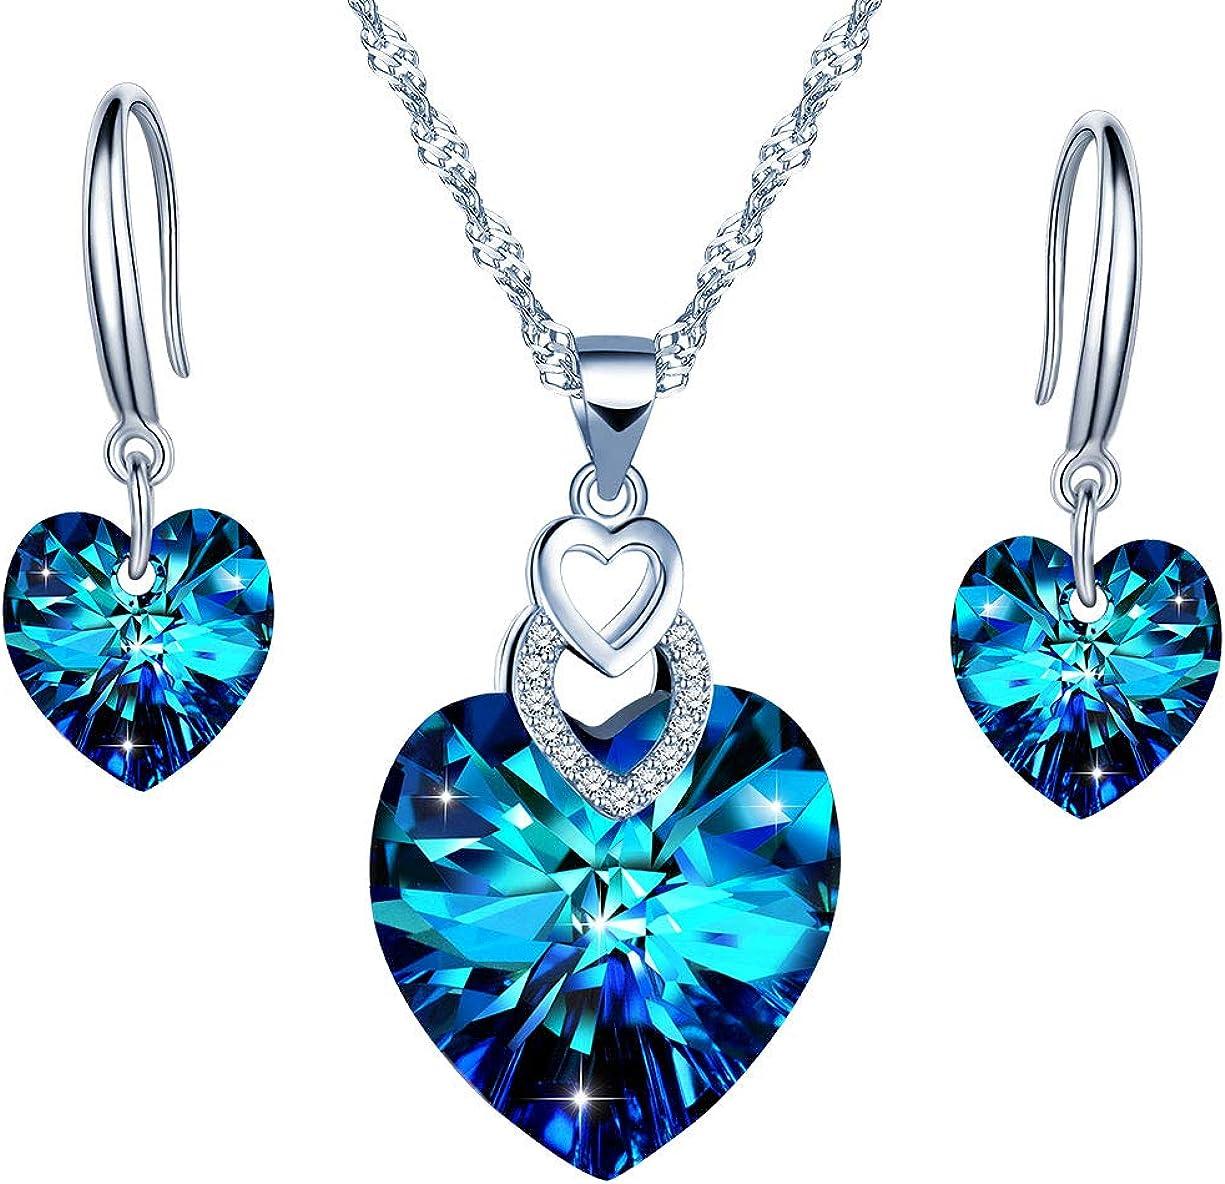 Collar y pendientes de plata esterlina 925 para mujer, collar de corazón de cristal azul, arete de cristal, juegos de joyas, regalo de cumpleaños de Navidad